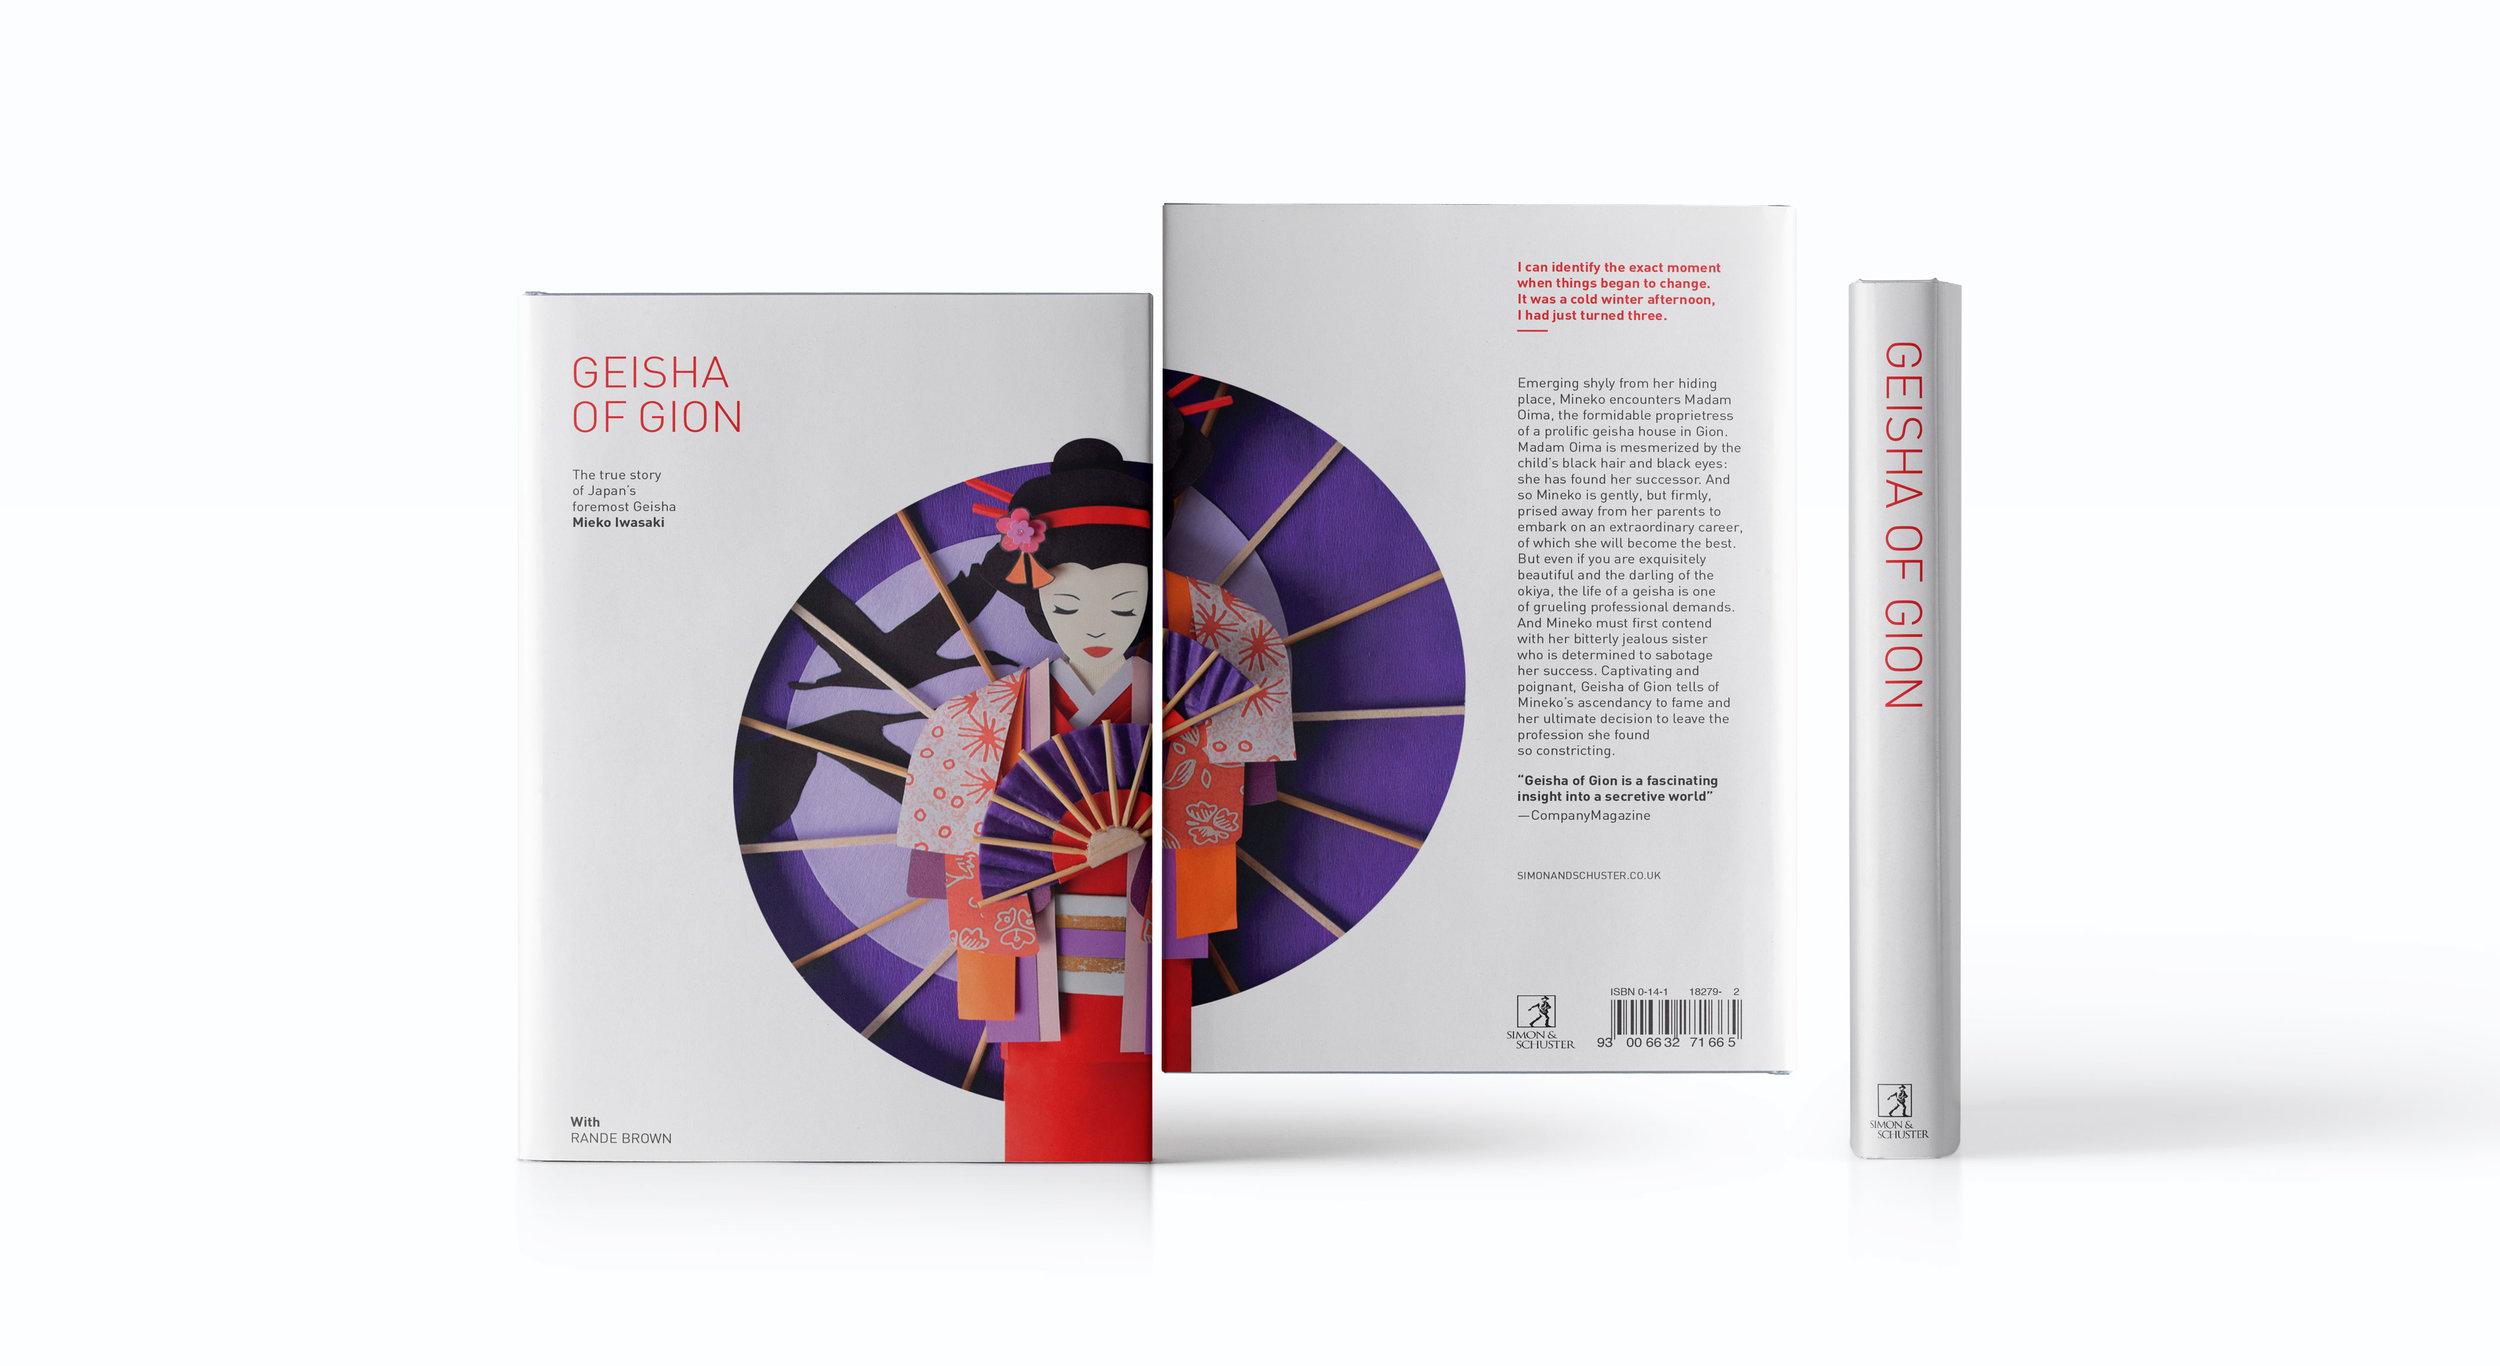 Geisha-Book-Cover-Design.jpg